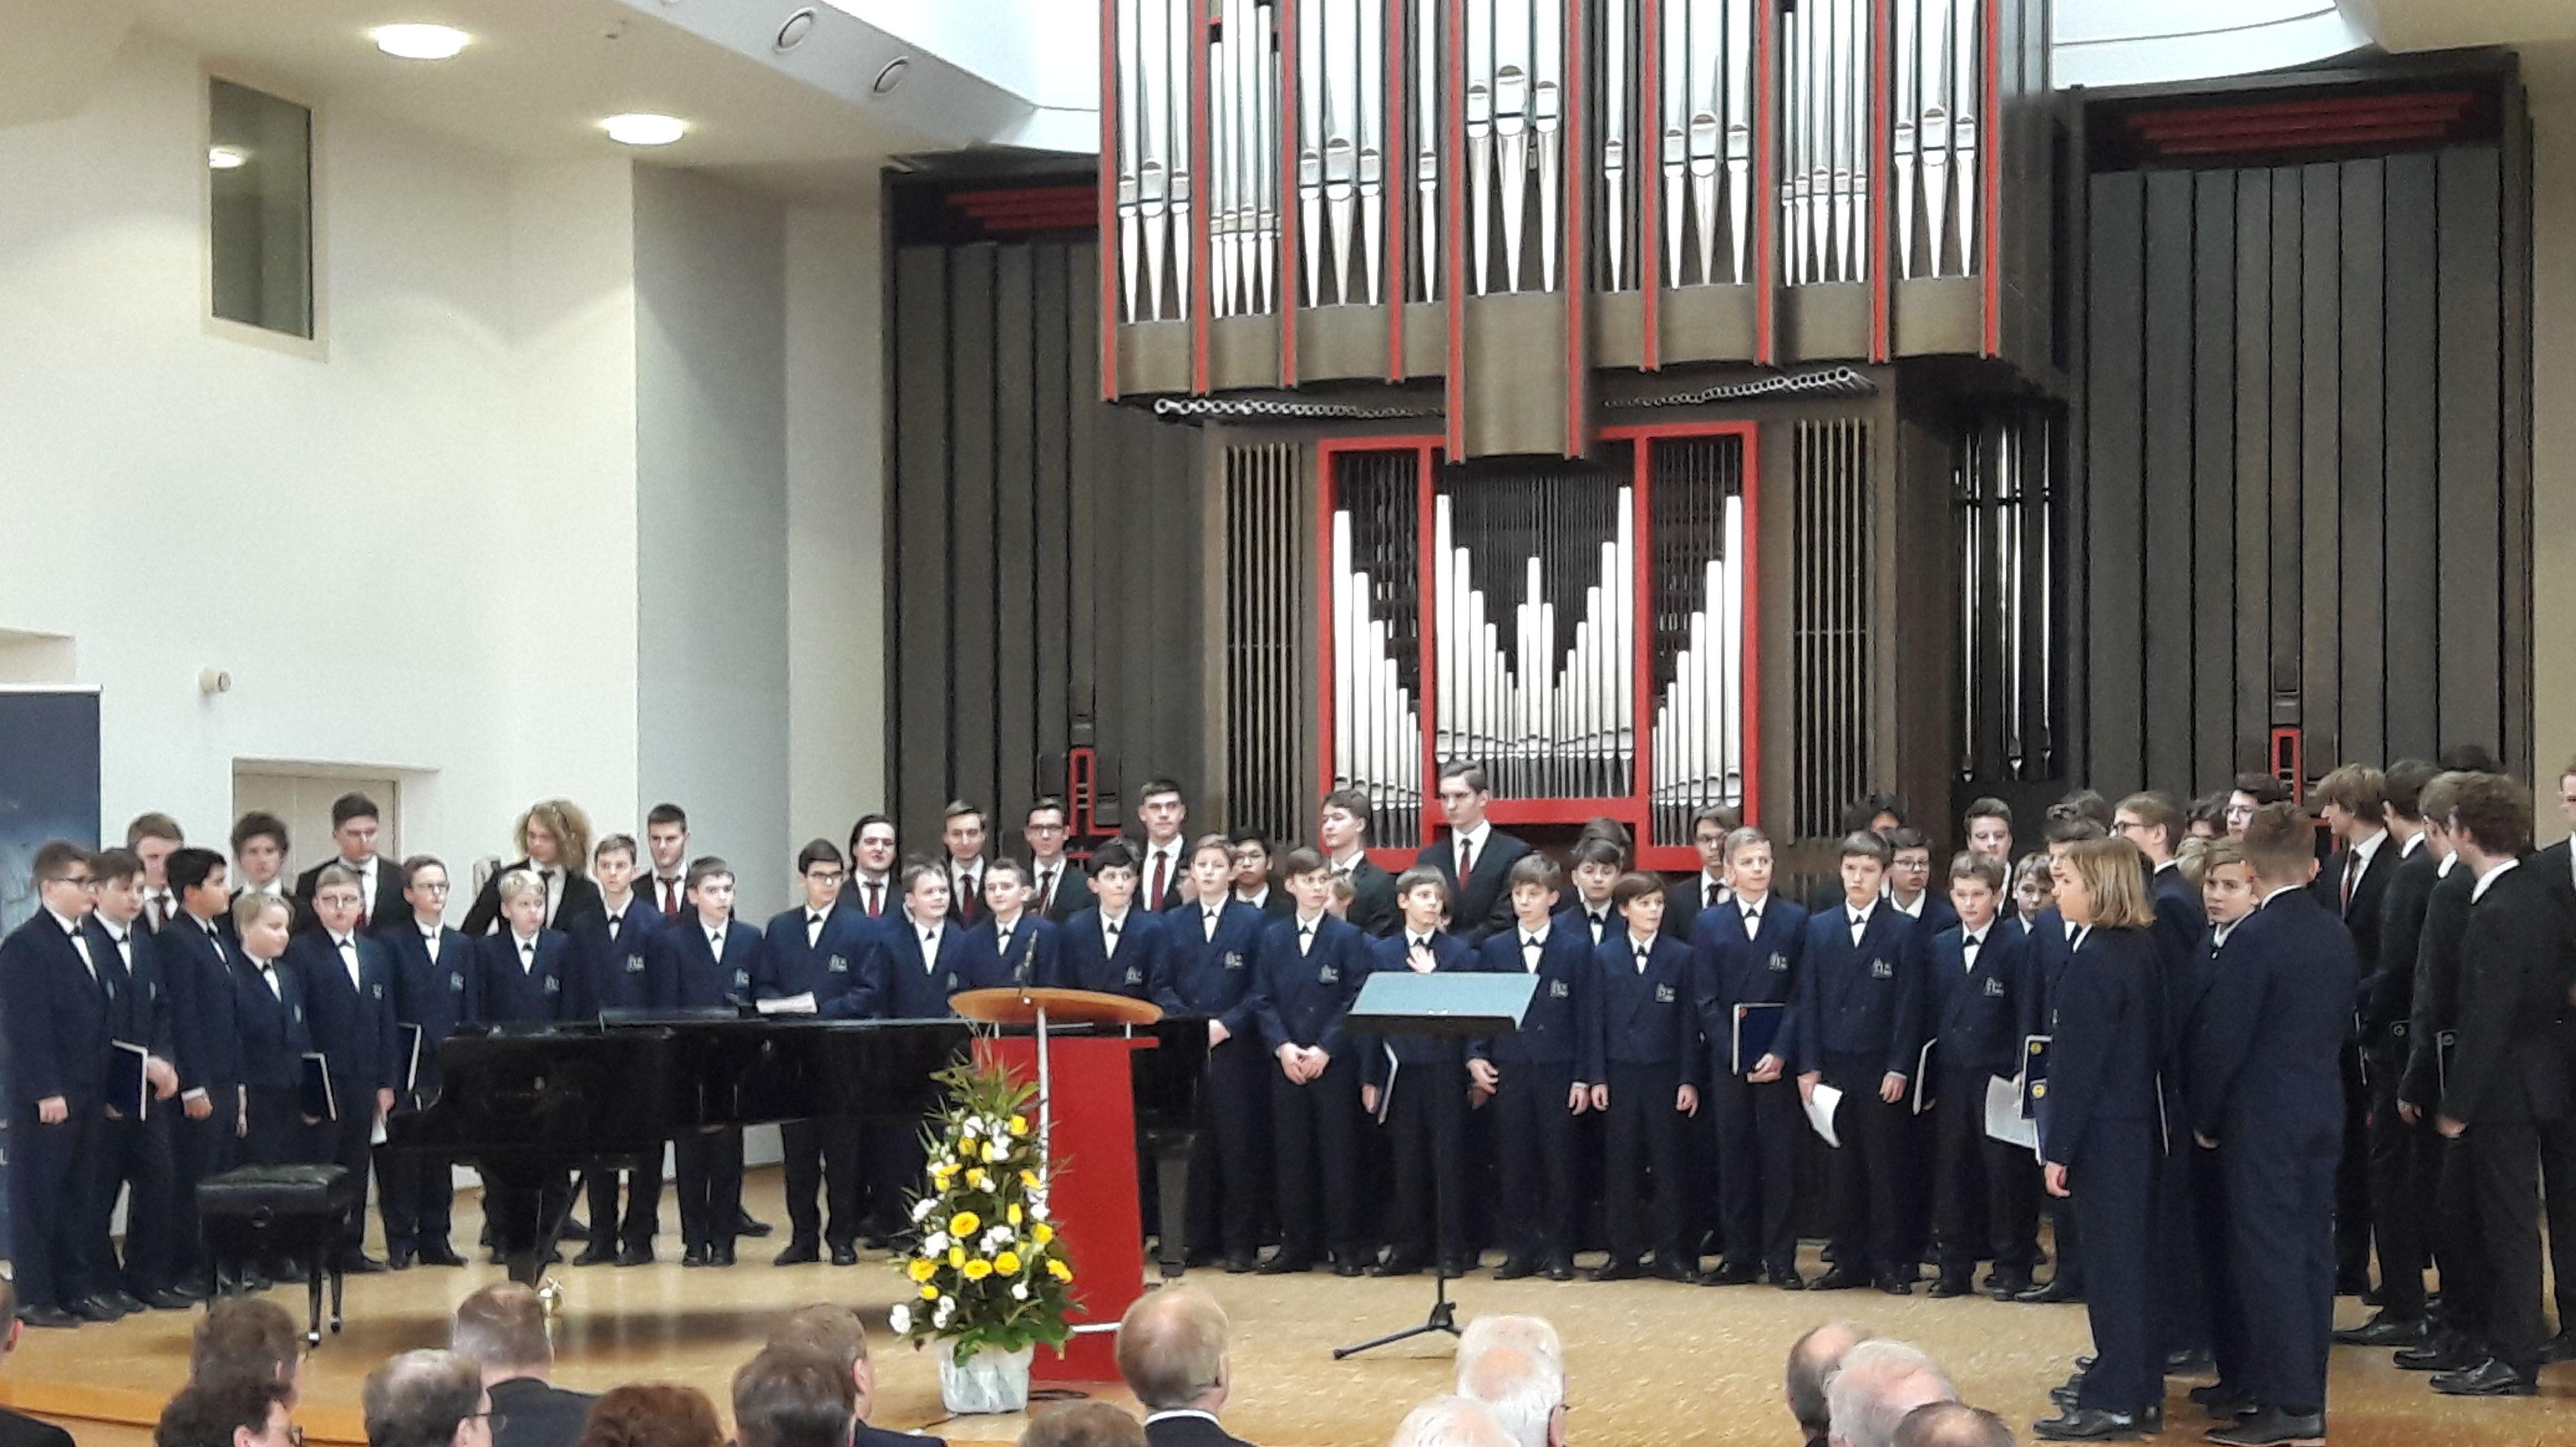 Eine Gesangseinlage der weltberühmten Domspatzen durfte bei der offiziellen Einweihung des Gebäudes nicht fehlen.